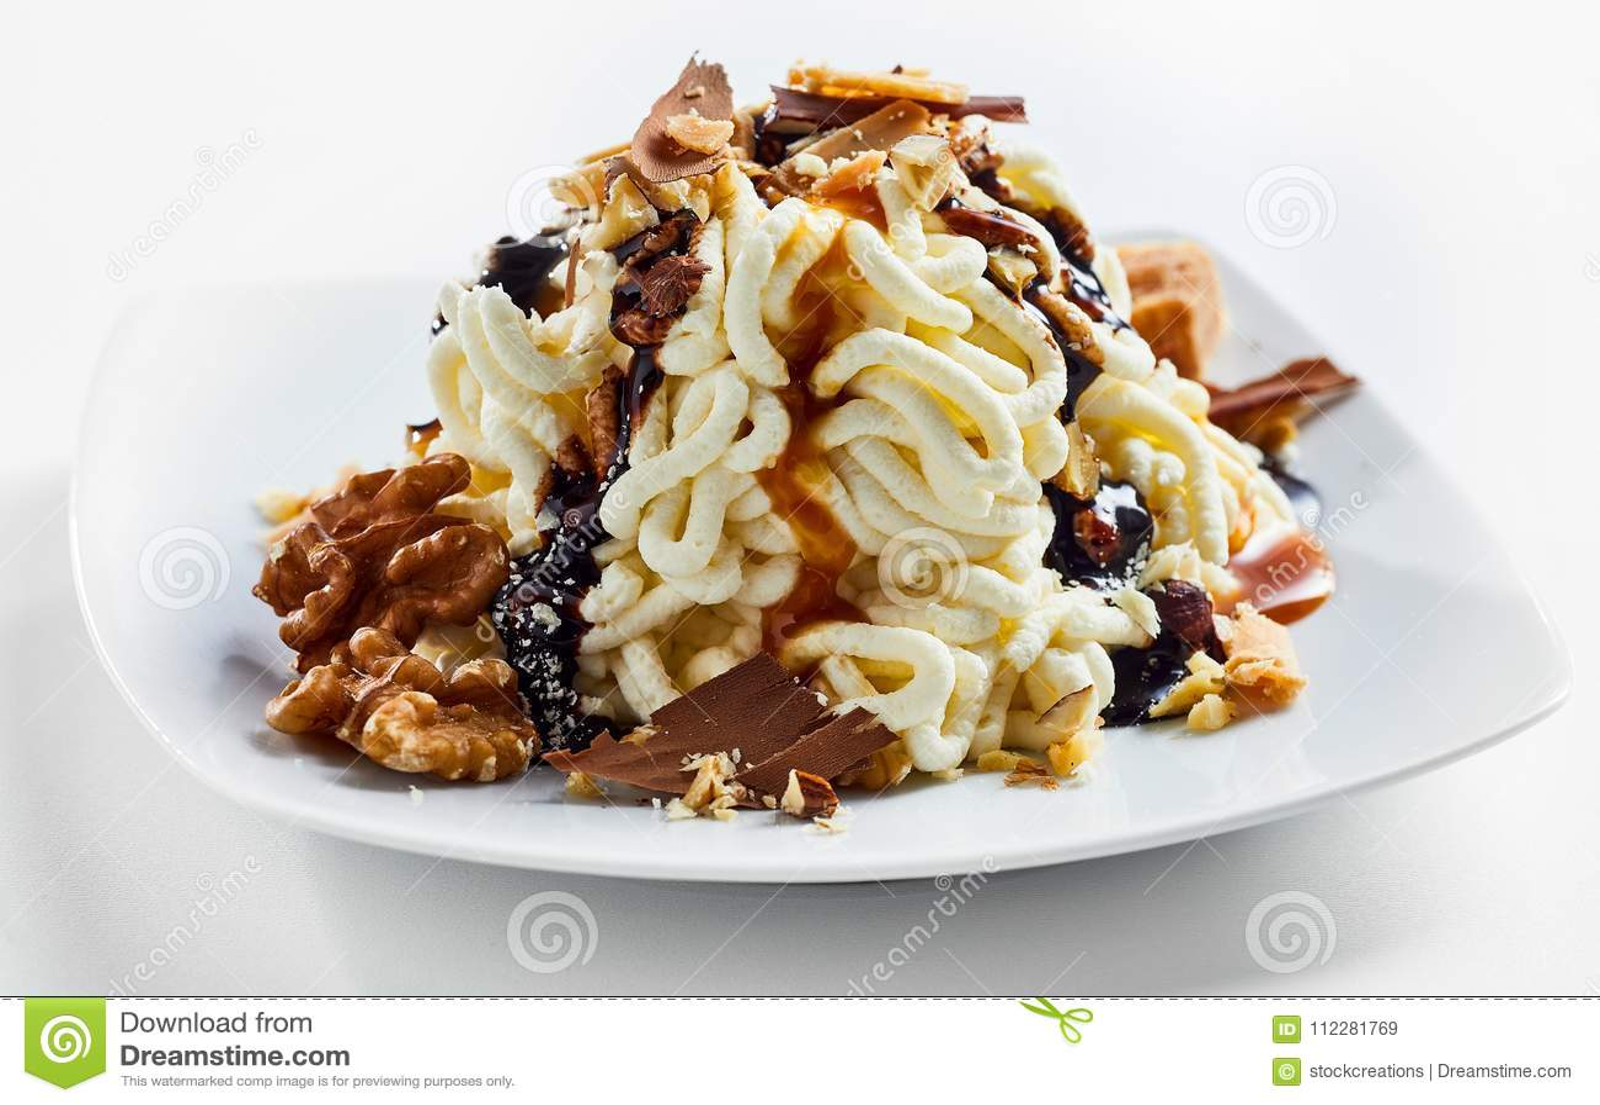 spaghetti creme dessert